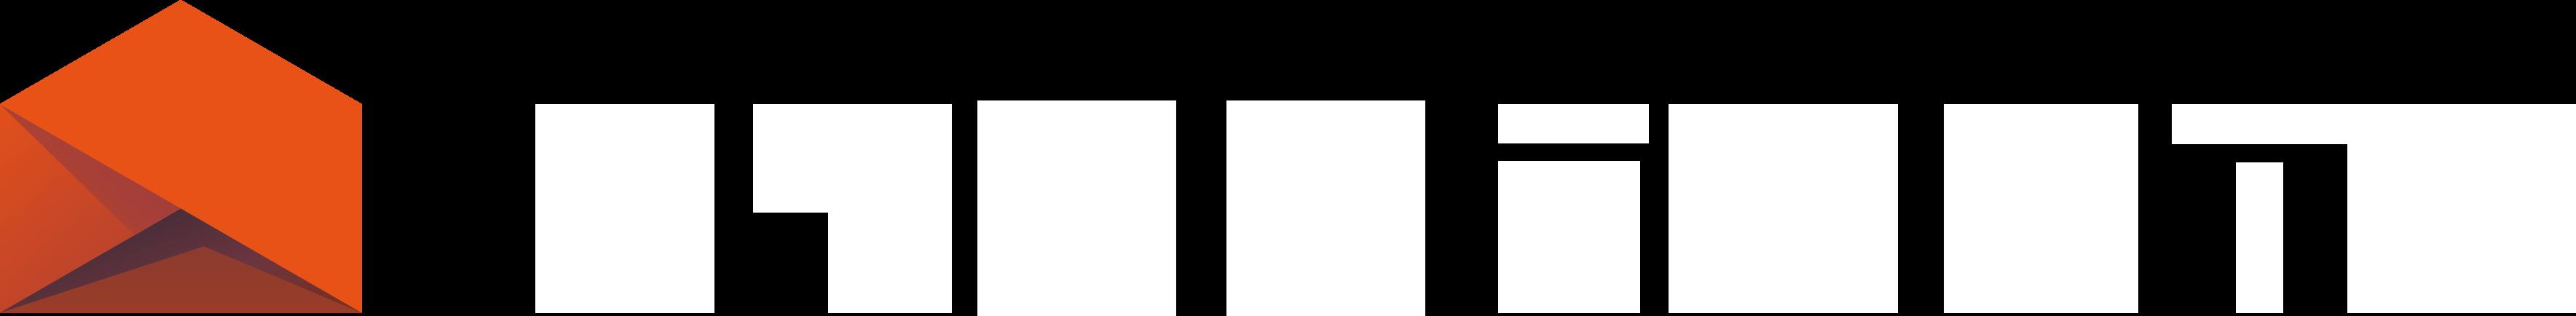 Byggfakta Sverige logo - RGB Vit text